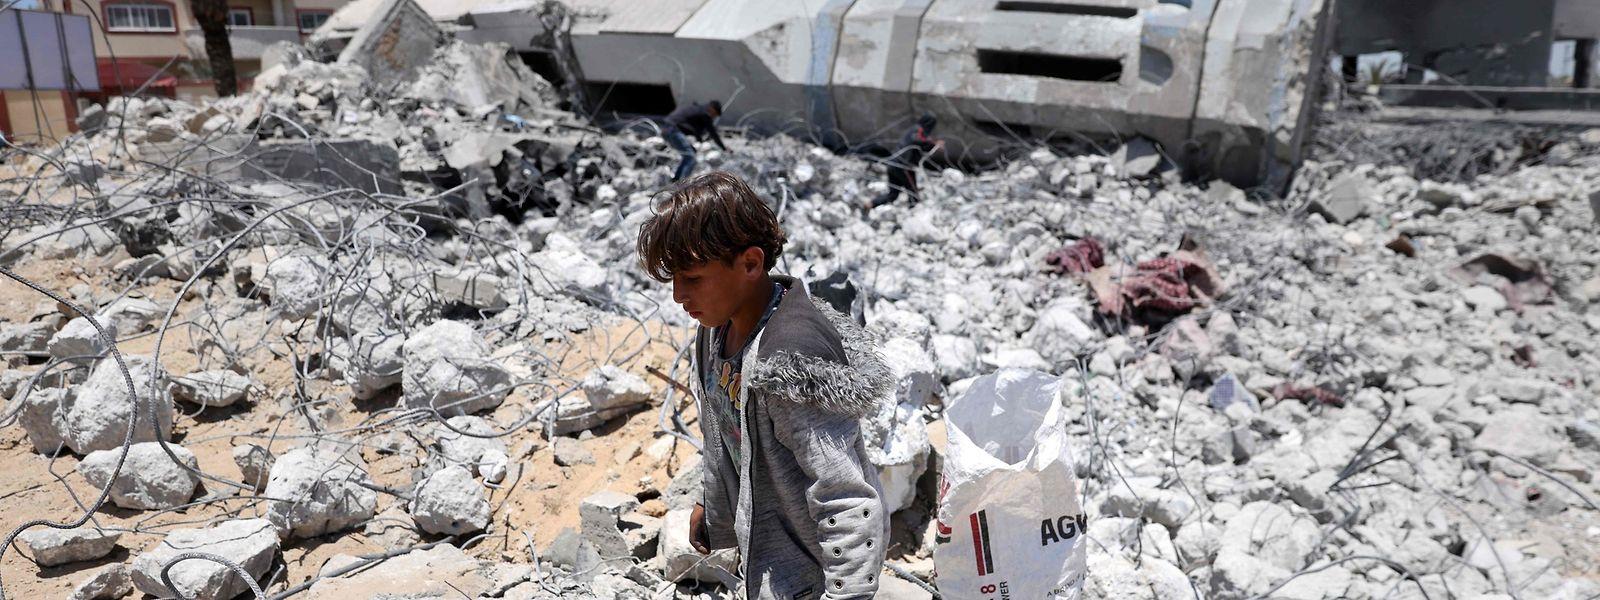 Ein Bild der Verwüstung im Gazastreifen.